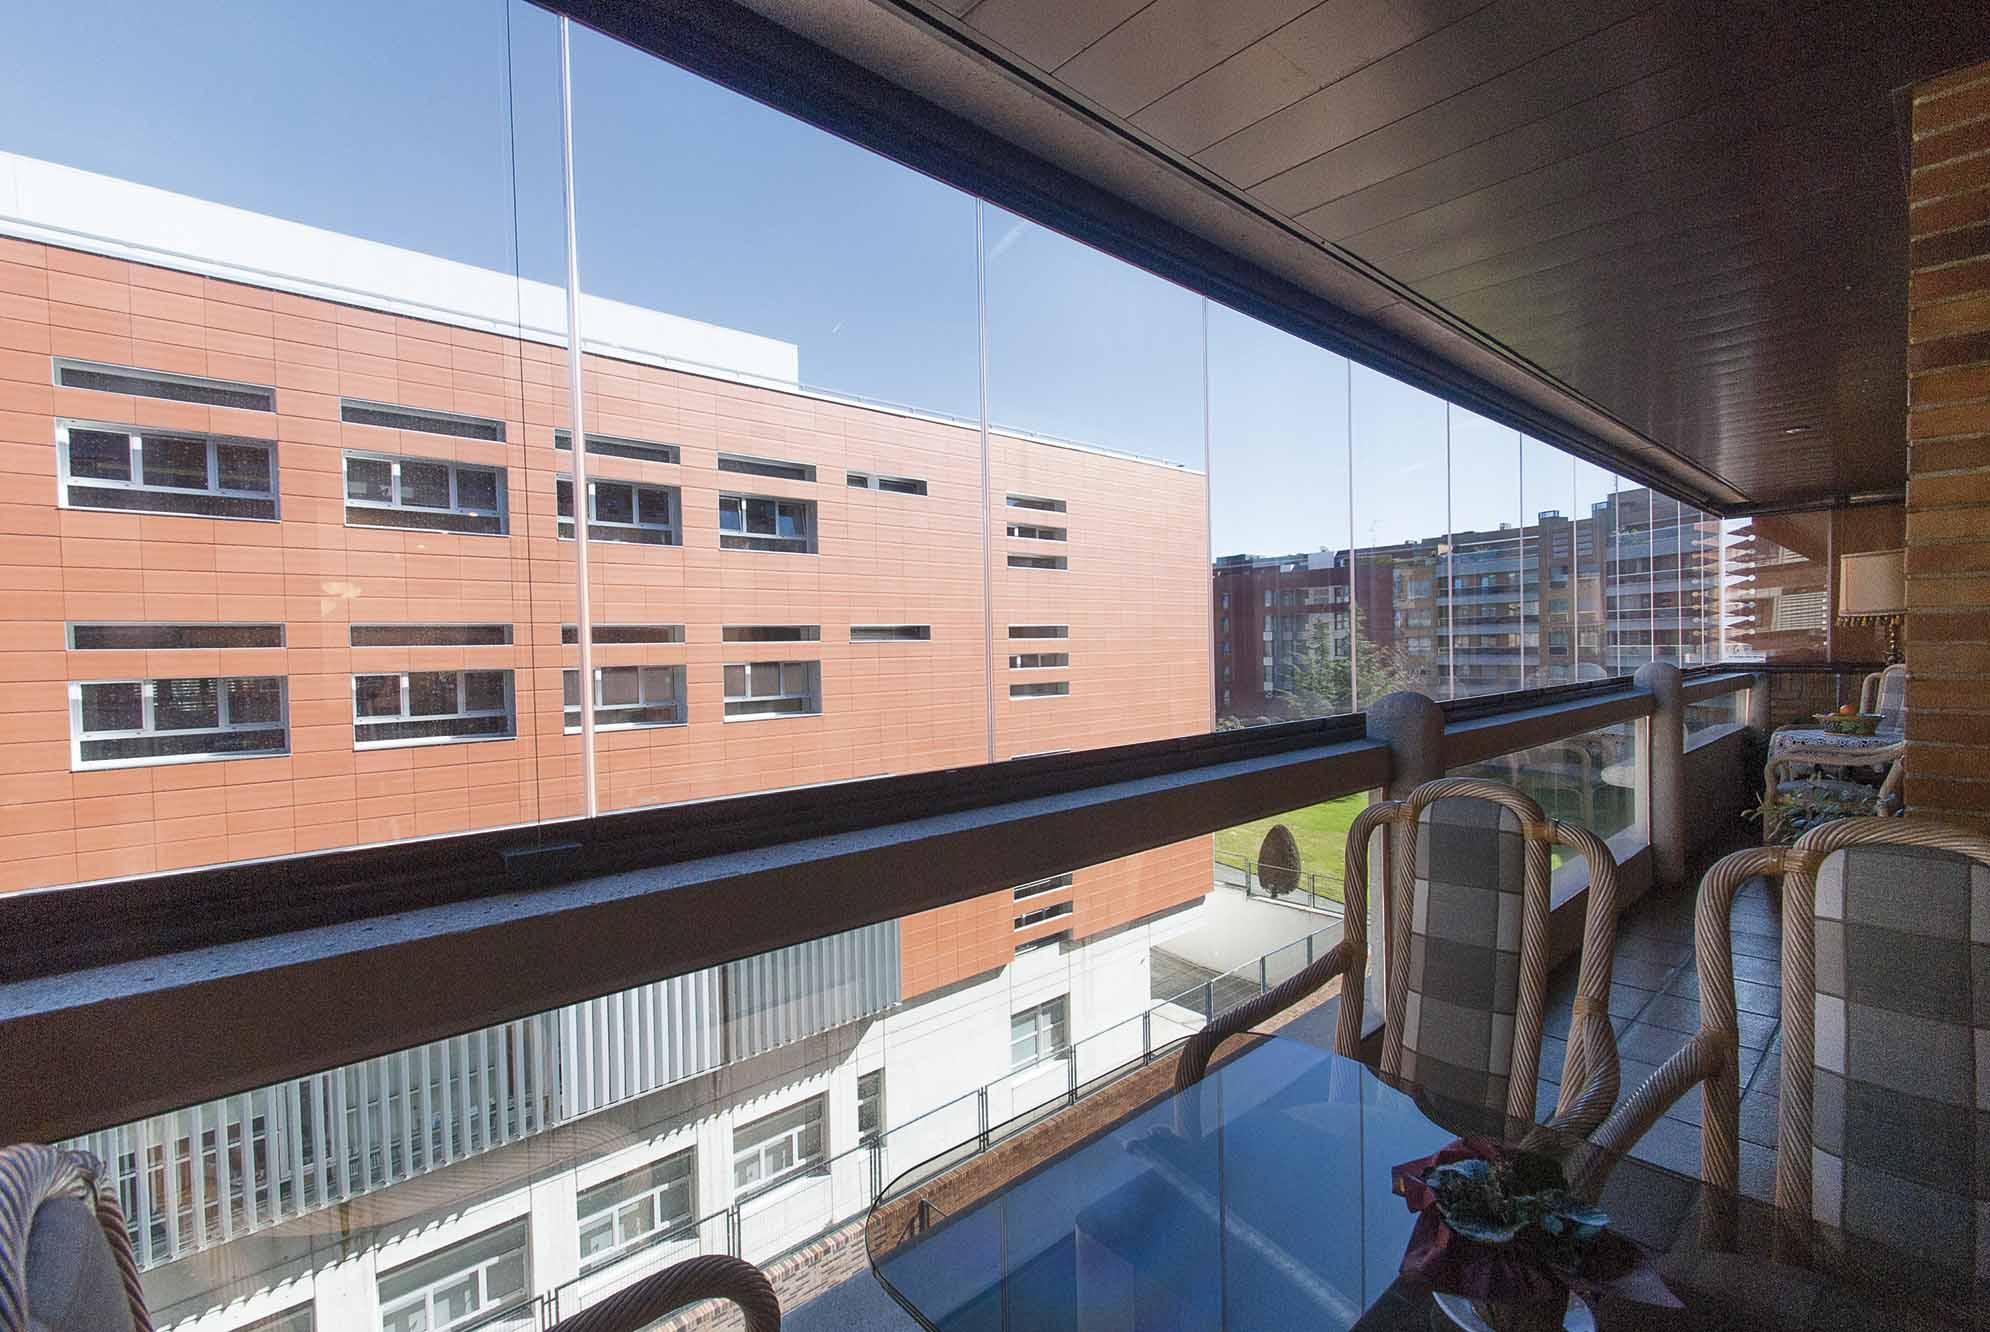 terraza-balcon-cerramiento-cortinas-cristal-lumon-6